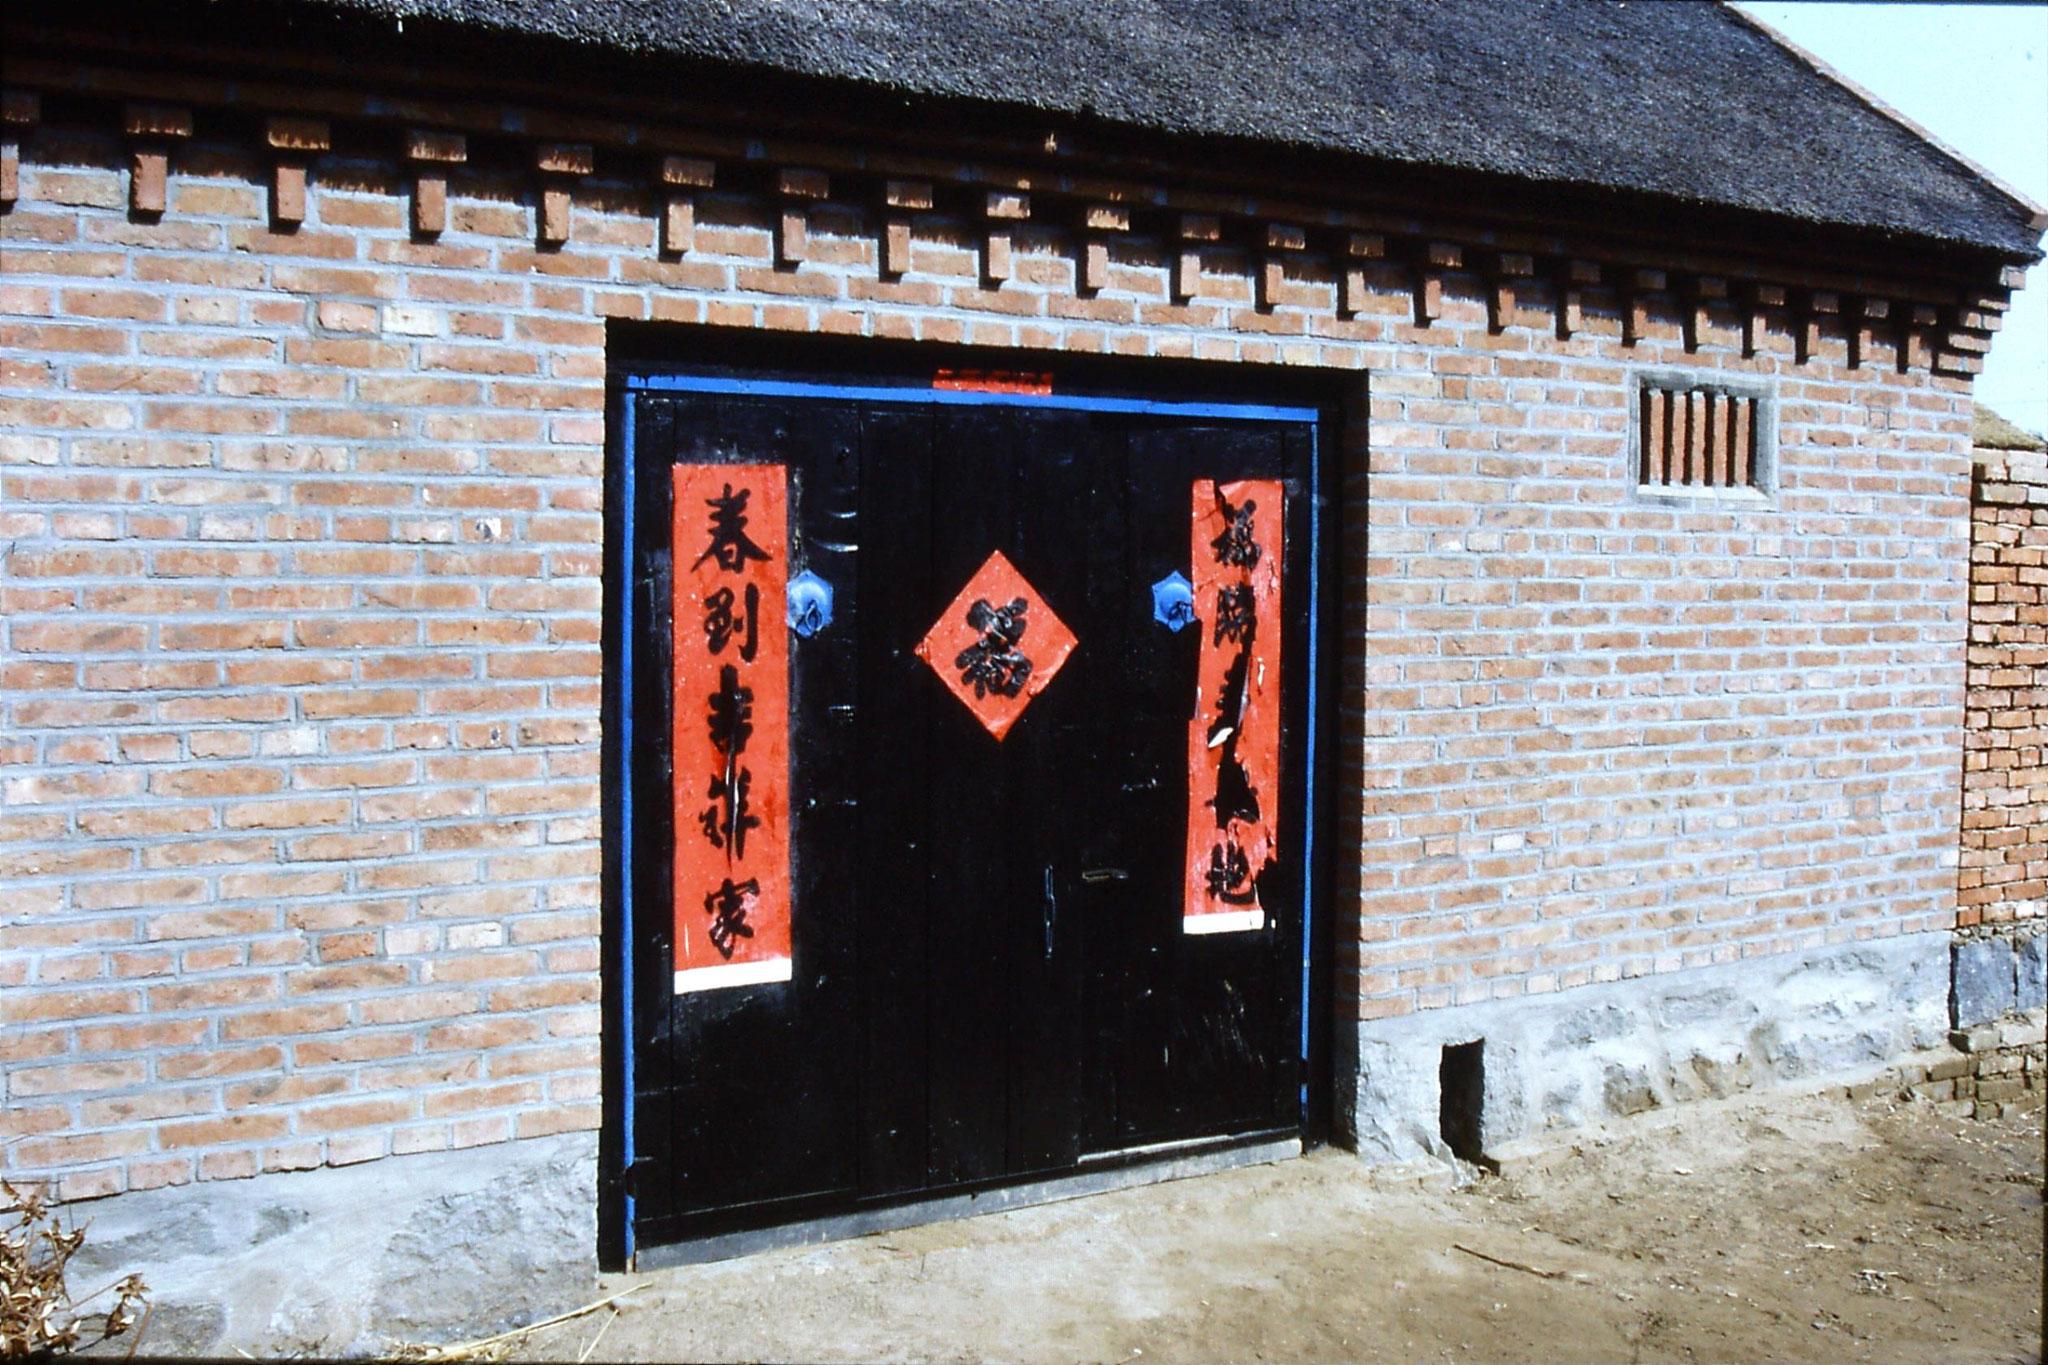 15/2/1989: 9: Liu Bo's village